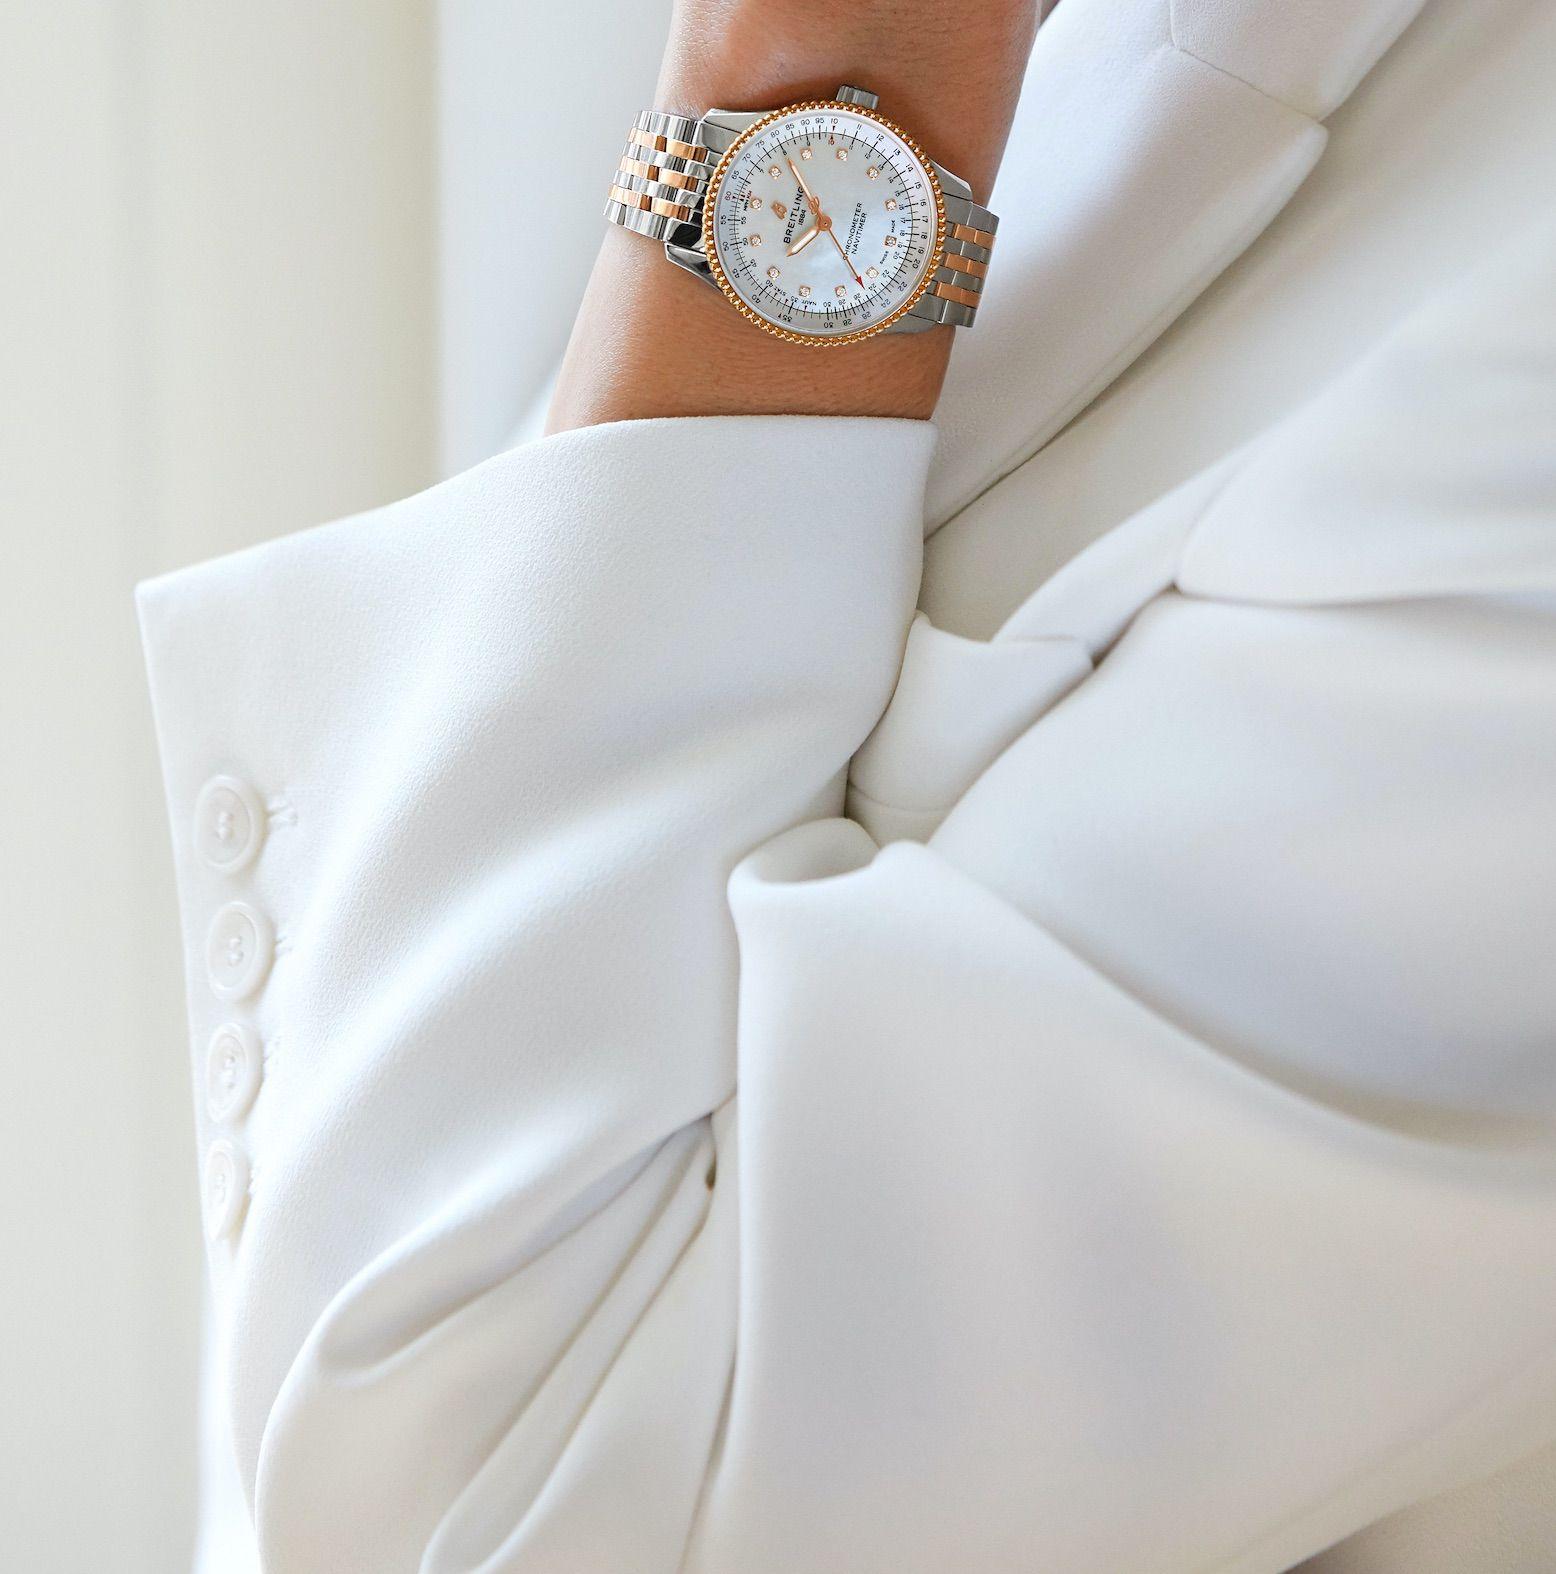 Quand les femmes peuvent tenter l'aventure et quand les horlogers ont du coeur : c'est l'actualité toujours confinée des montres